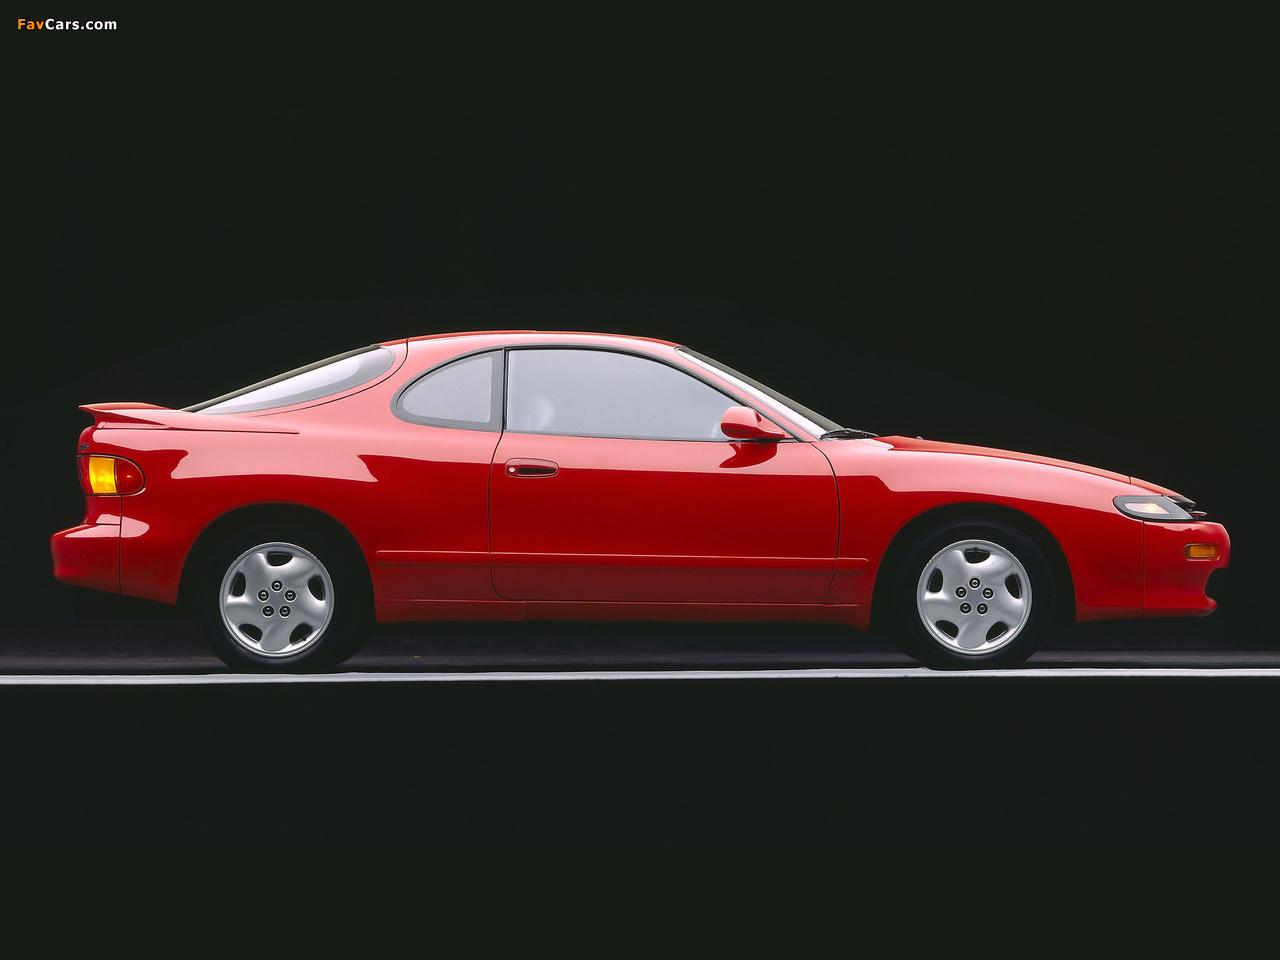 Toyota Celica характеристики #11